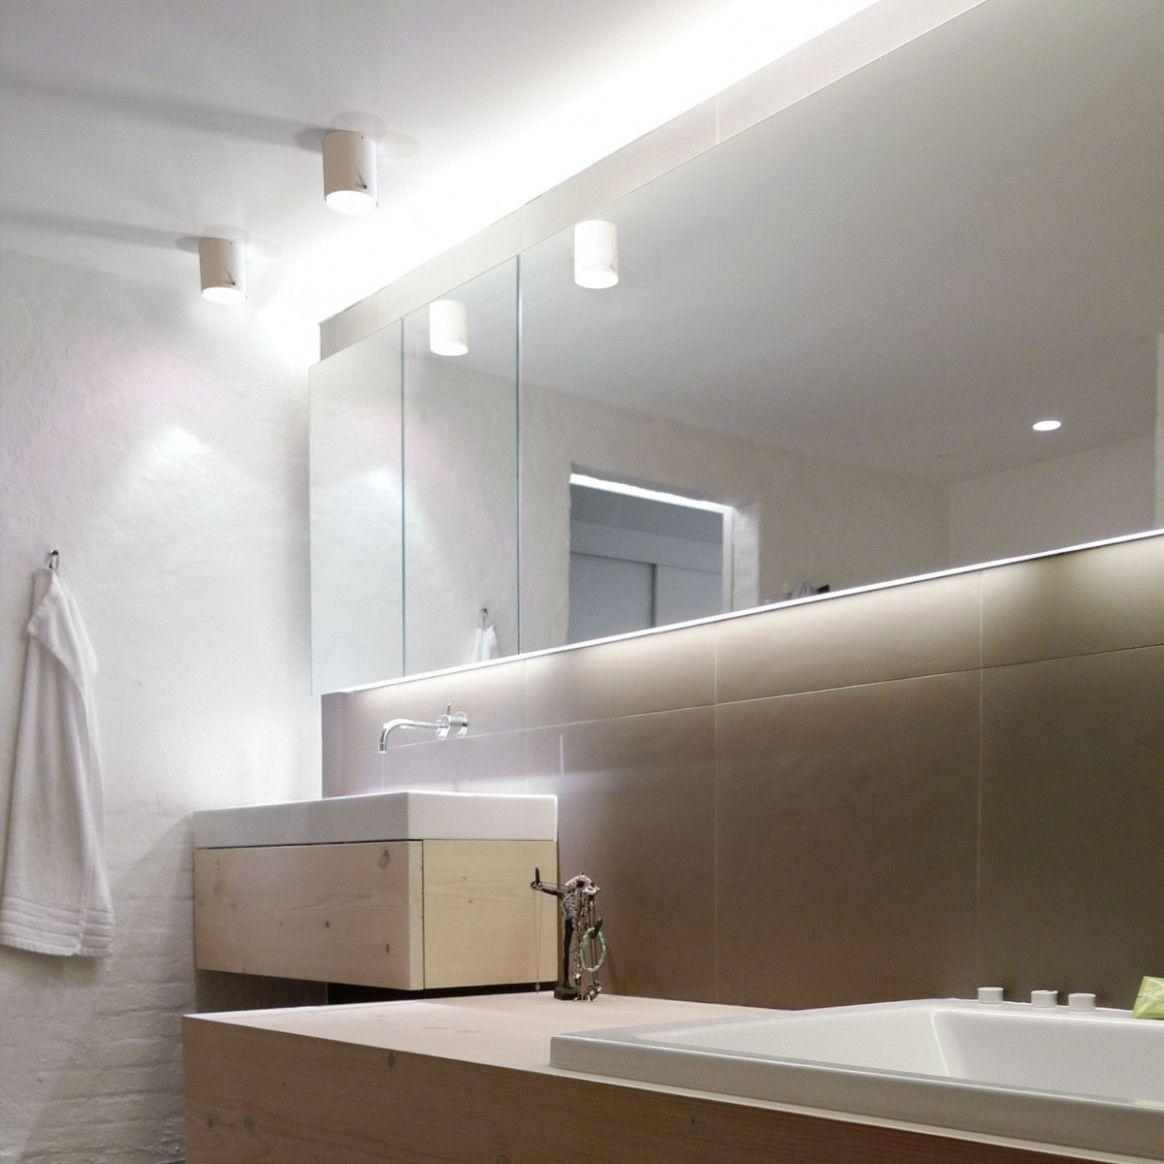 Deshalb Ist Badezimmer Lampen Design So Beruhmt Schone